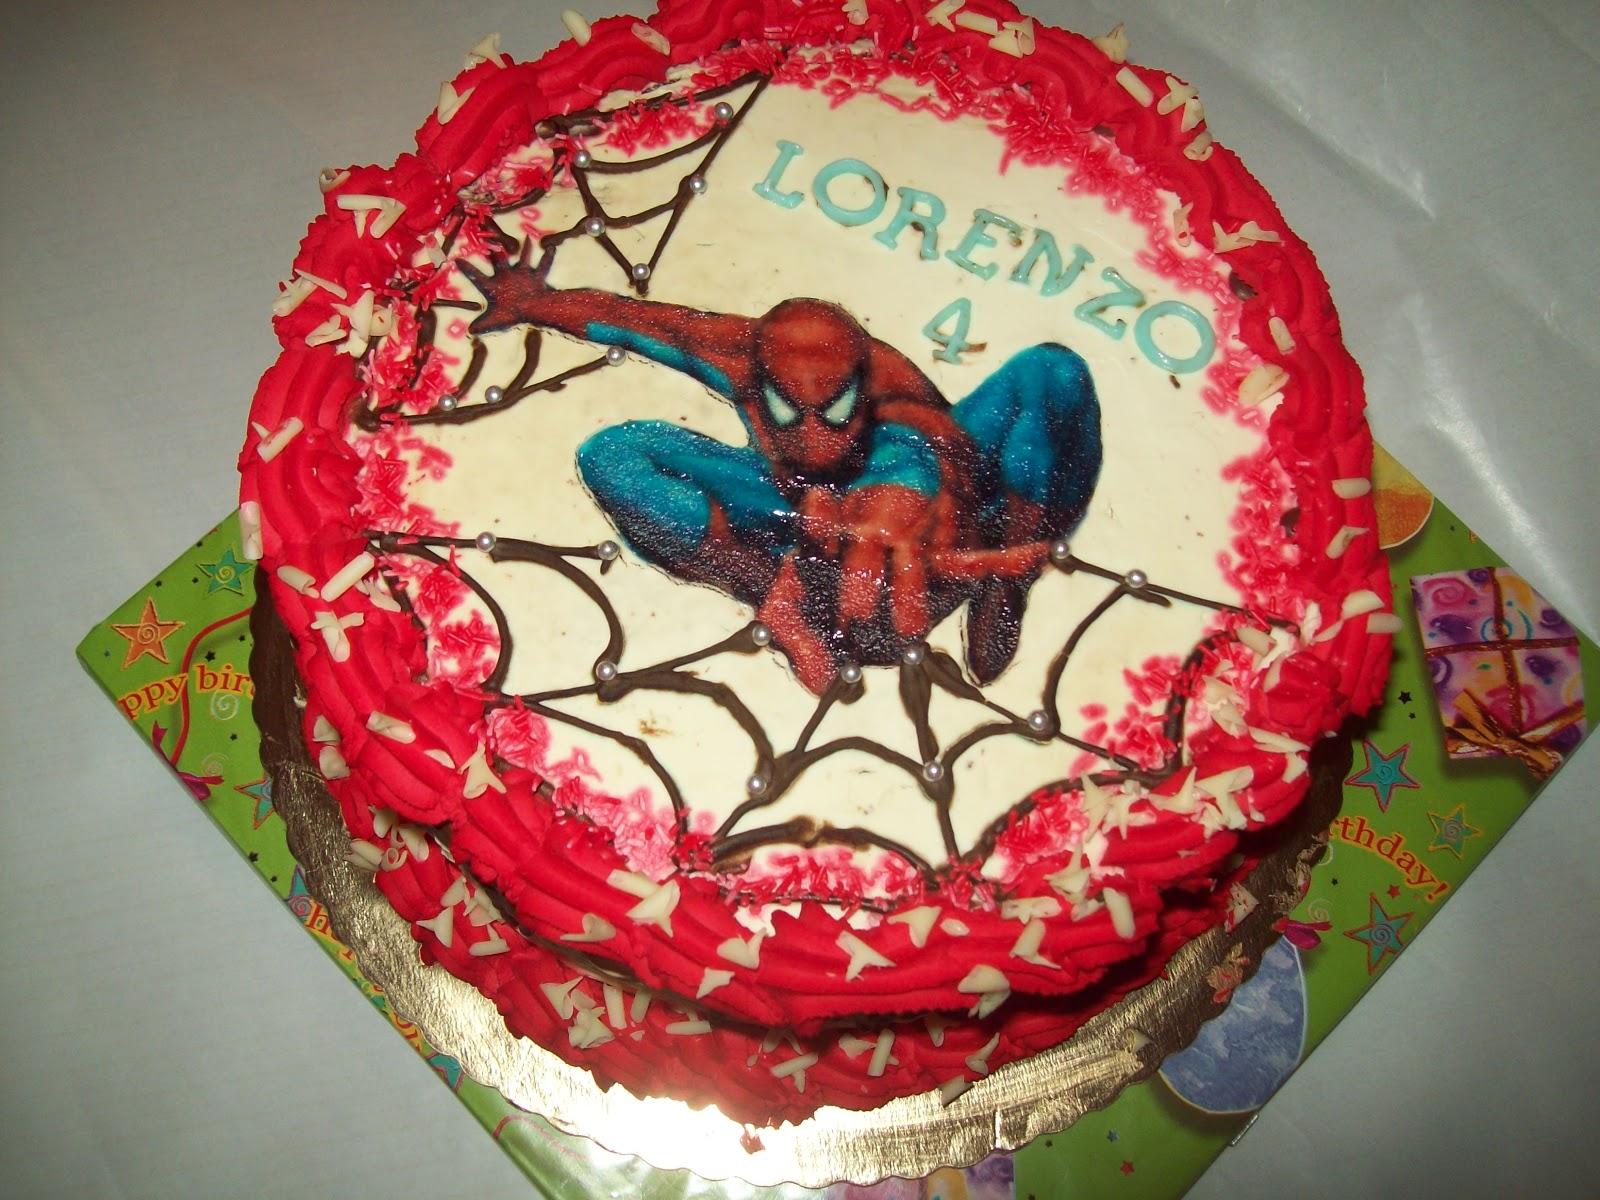 michela cake designer spiderman. Black Bedroom Furniture Sets. Home Design Ideas